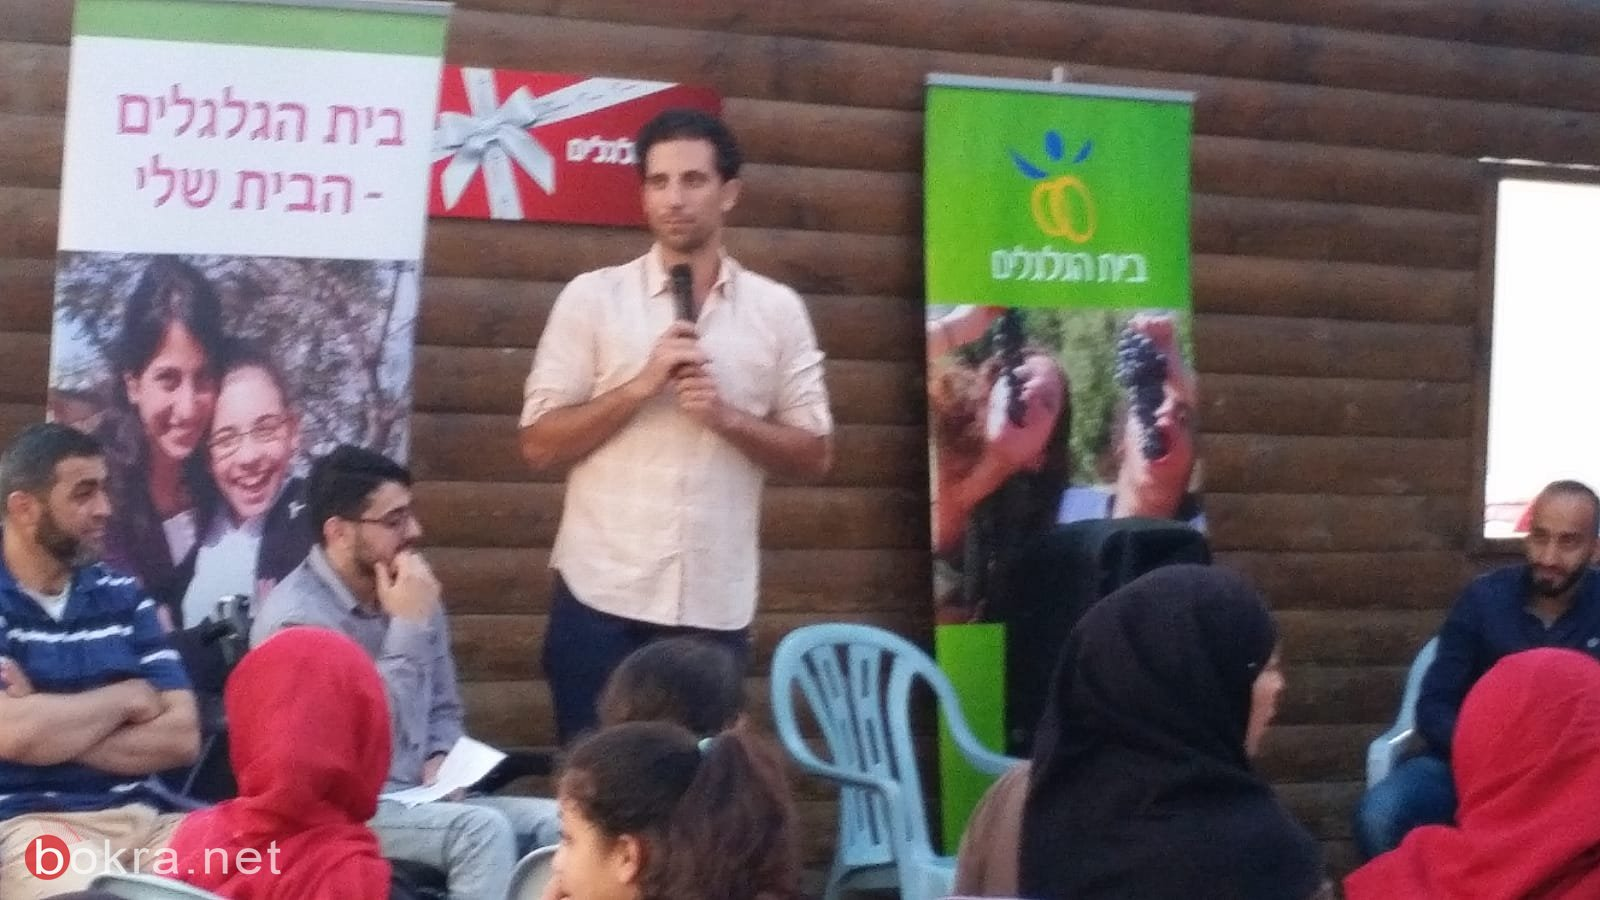 إم الفحم تحتفل مع جمعية بيت هجلجليم في رمضان على مائدة الإفطار